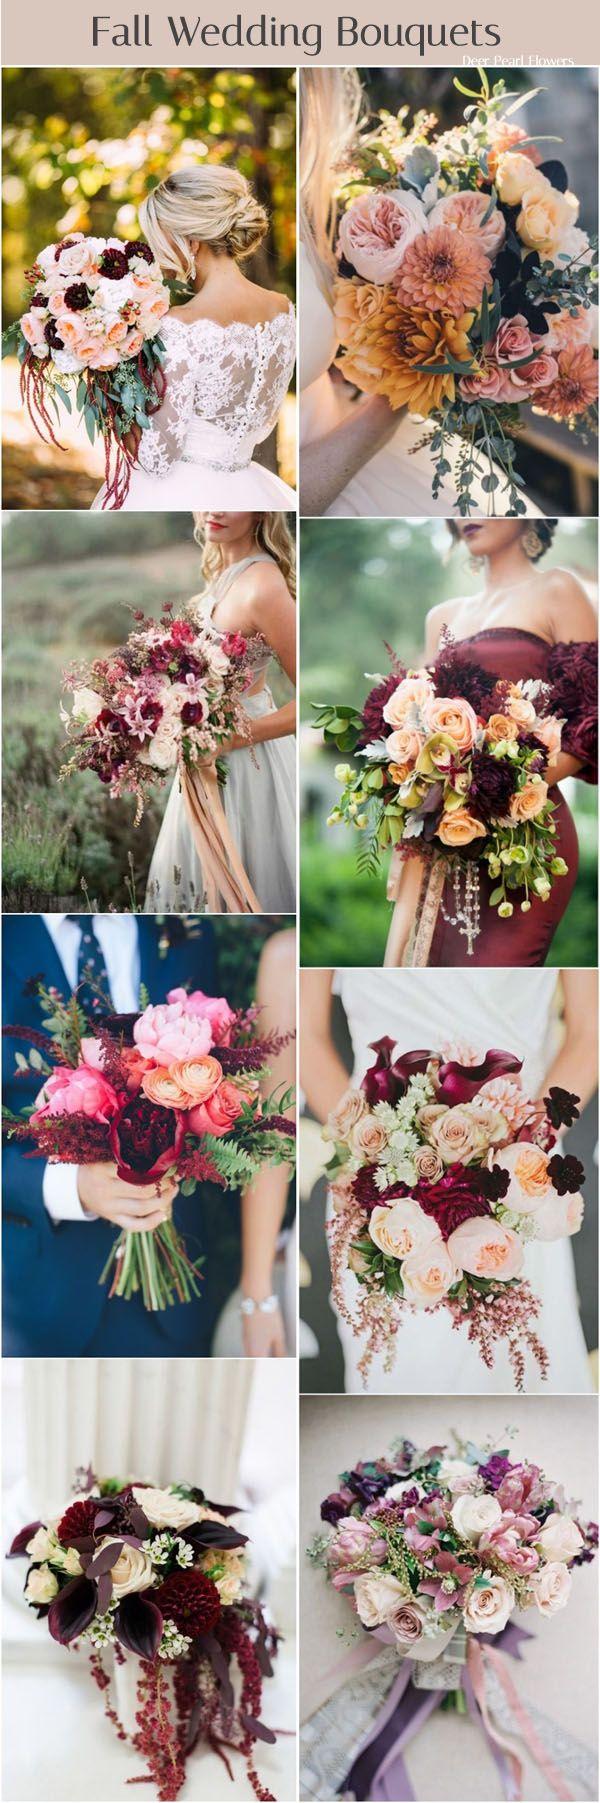 fall wedding bouquet flower ideas / http://www.deerpearlflowers.com/fall-wedding-ideas-for-2017/2/